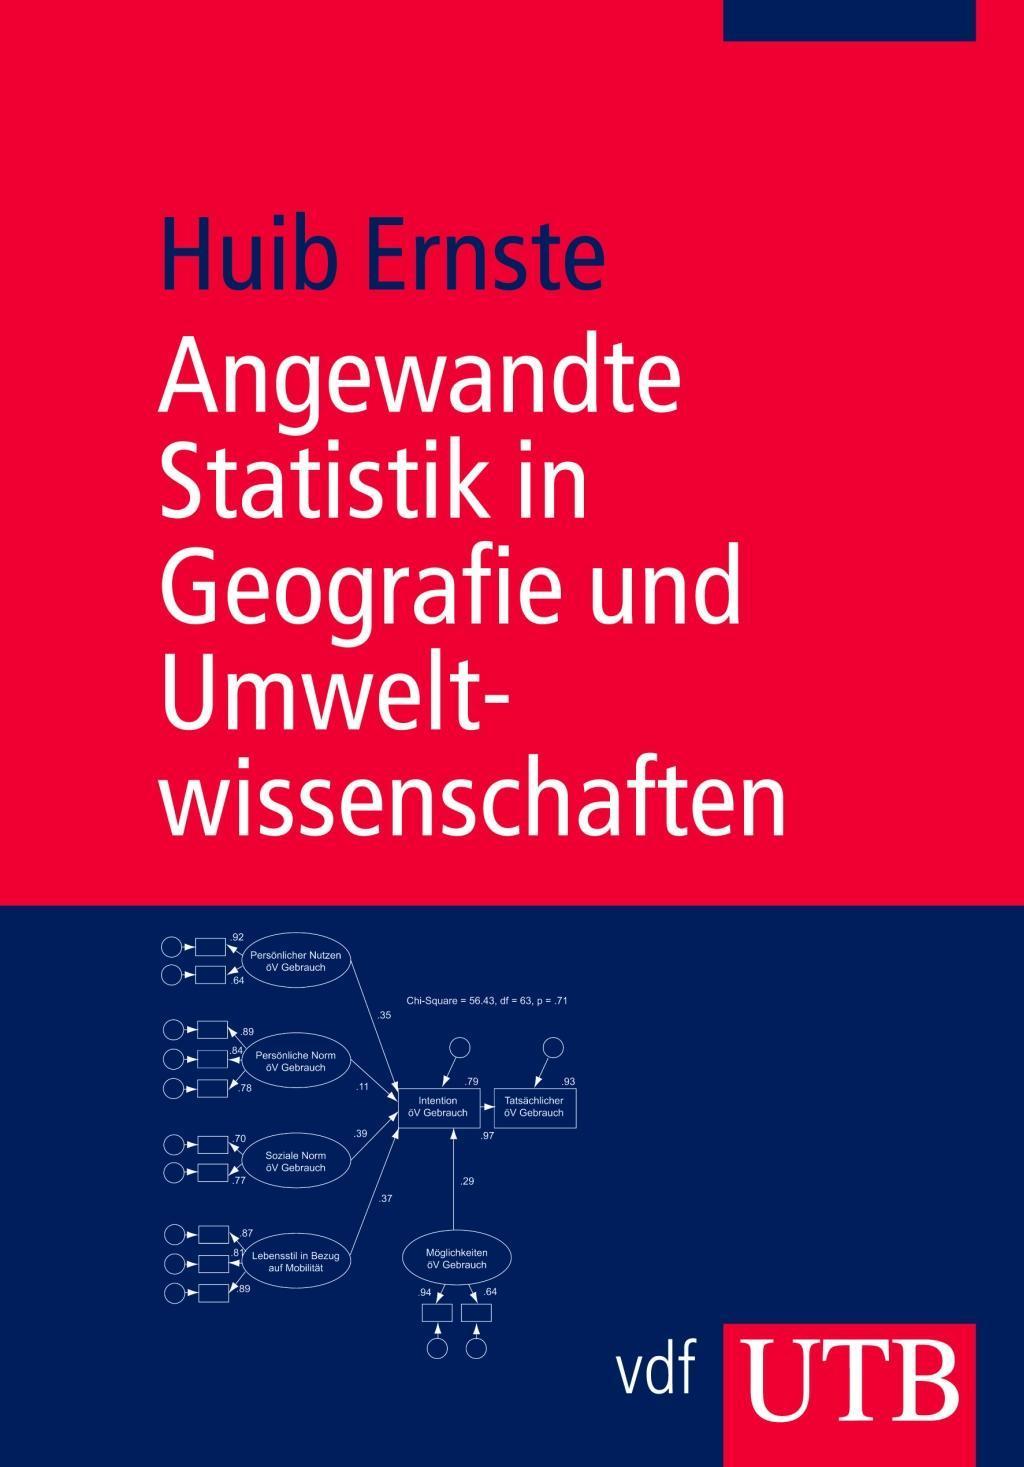 Huib Ernste Angewandte Statistik in Geografie und Umweltwissenschaften